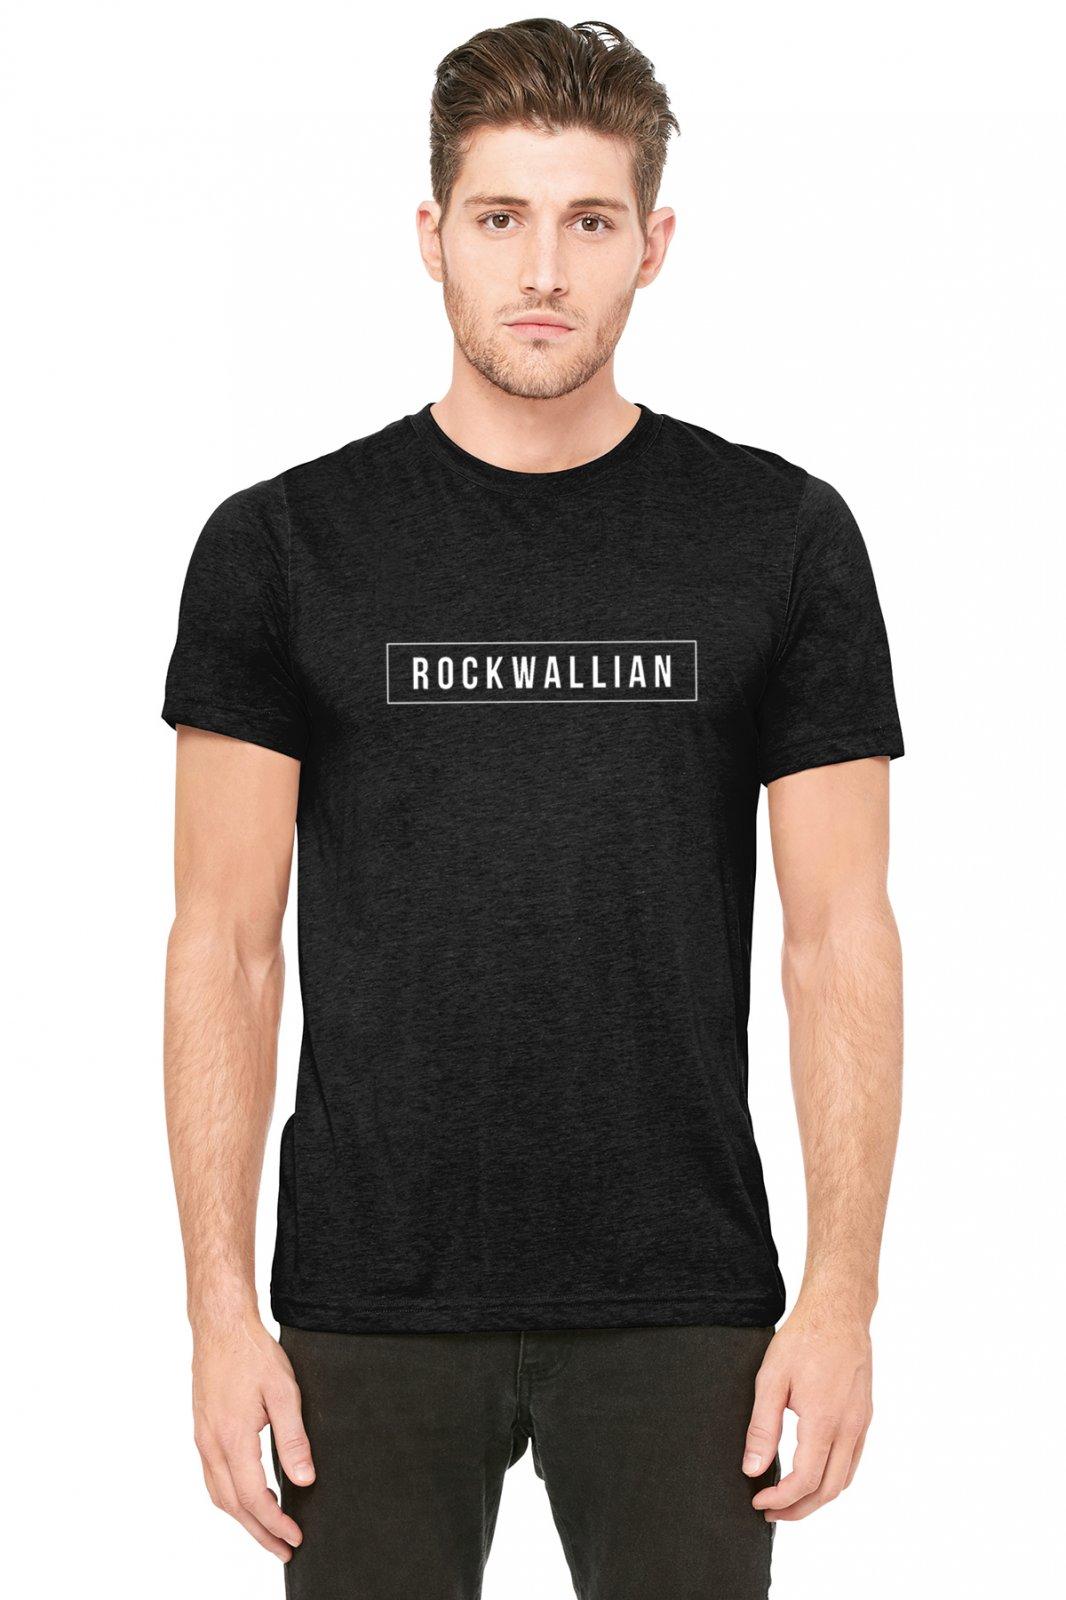 ROCKWALLIAN TEE